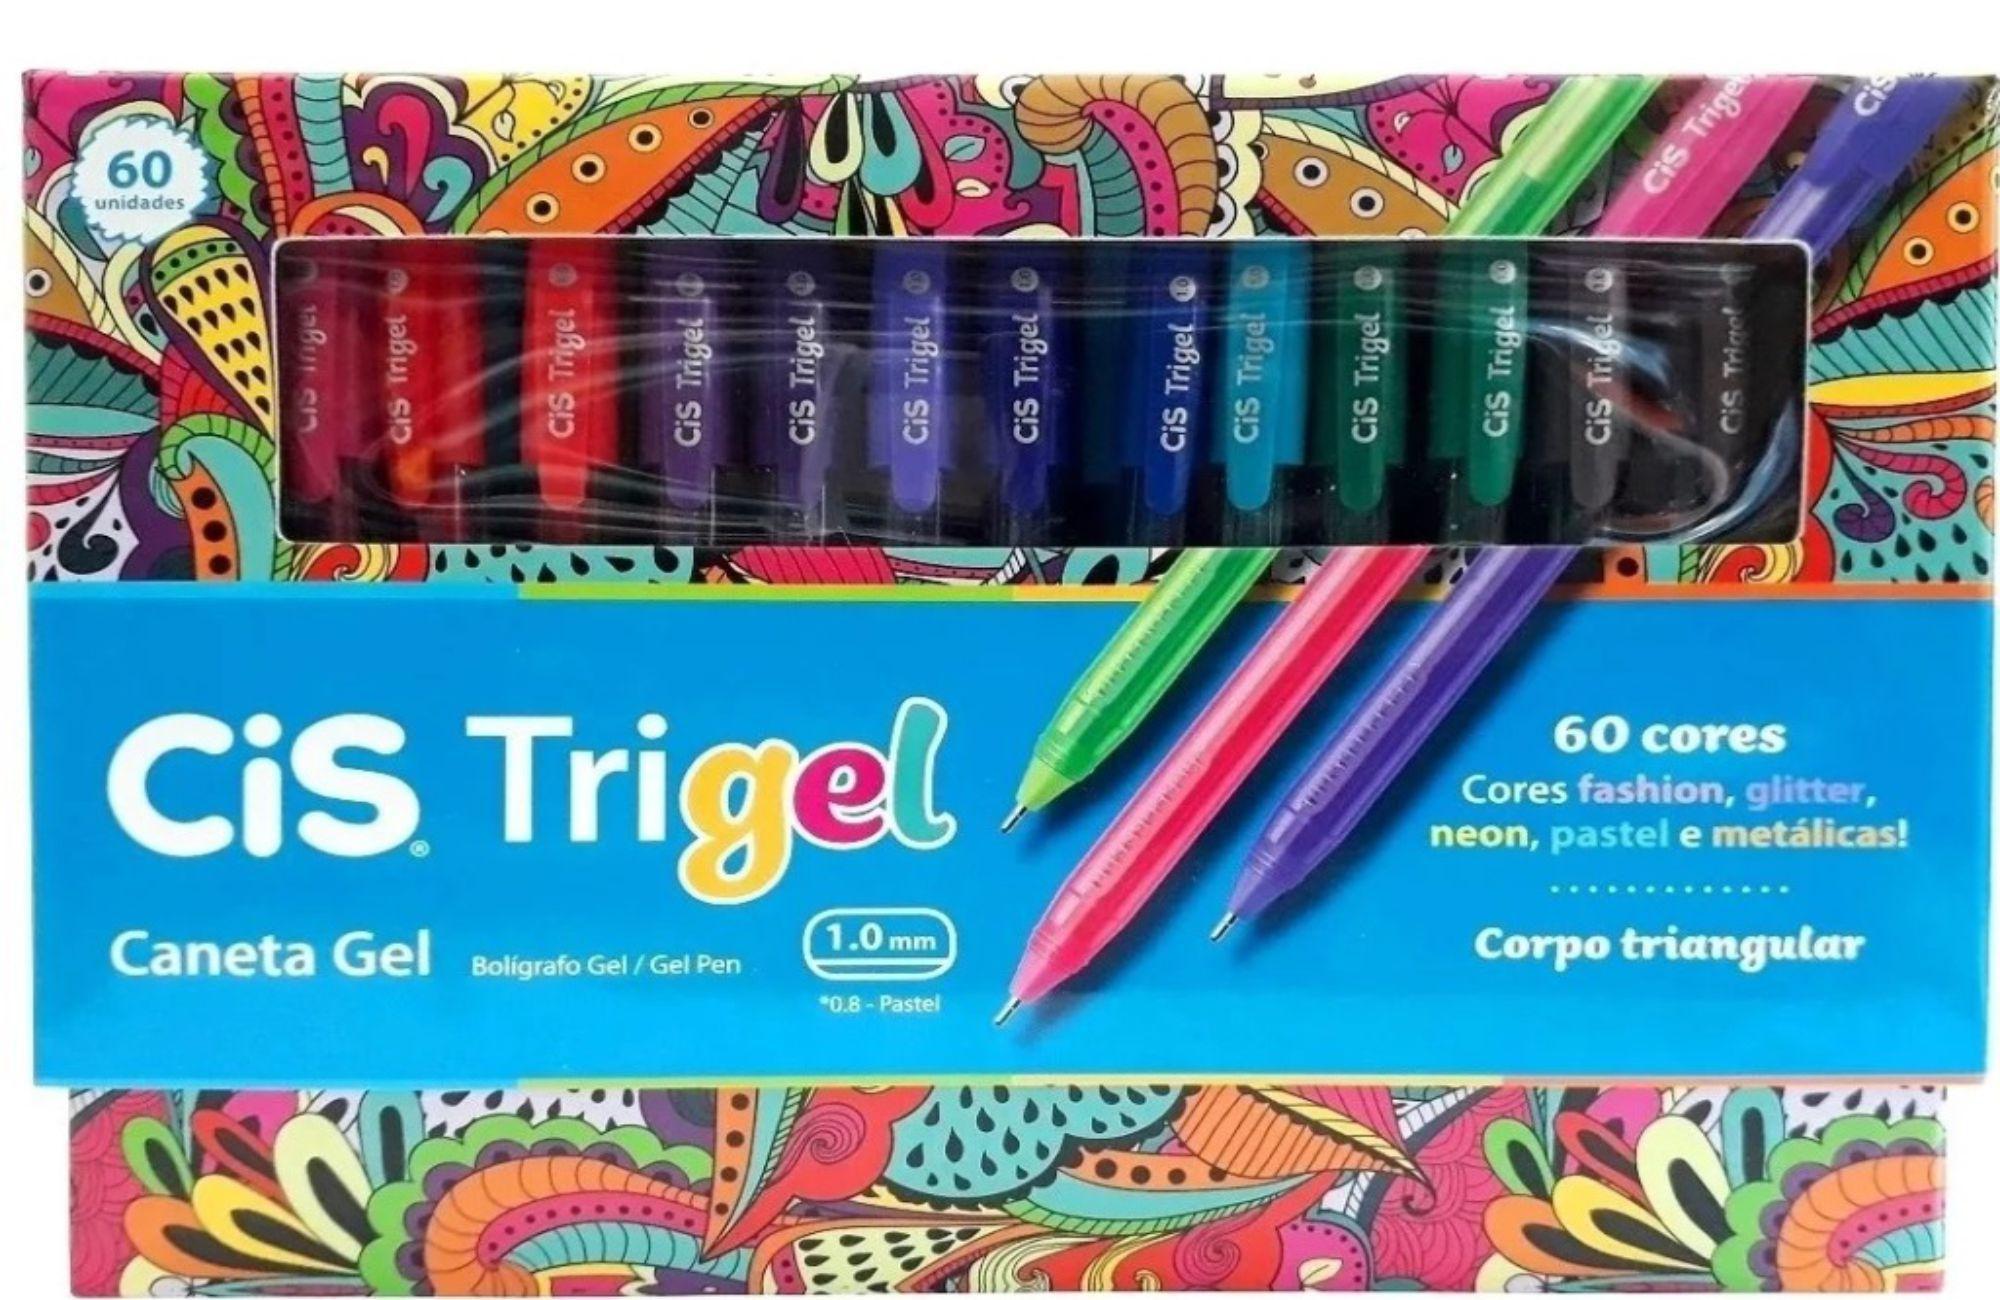 Caneta Gel Trigel Cis 60 Cores